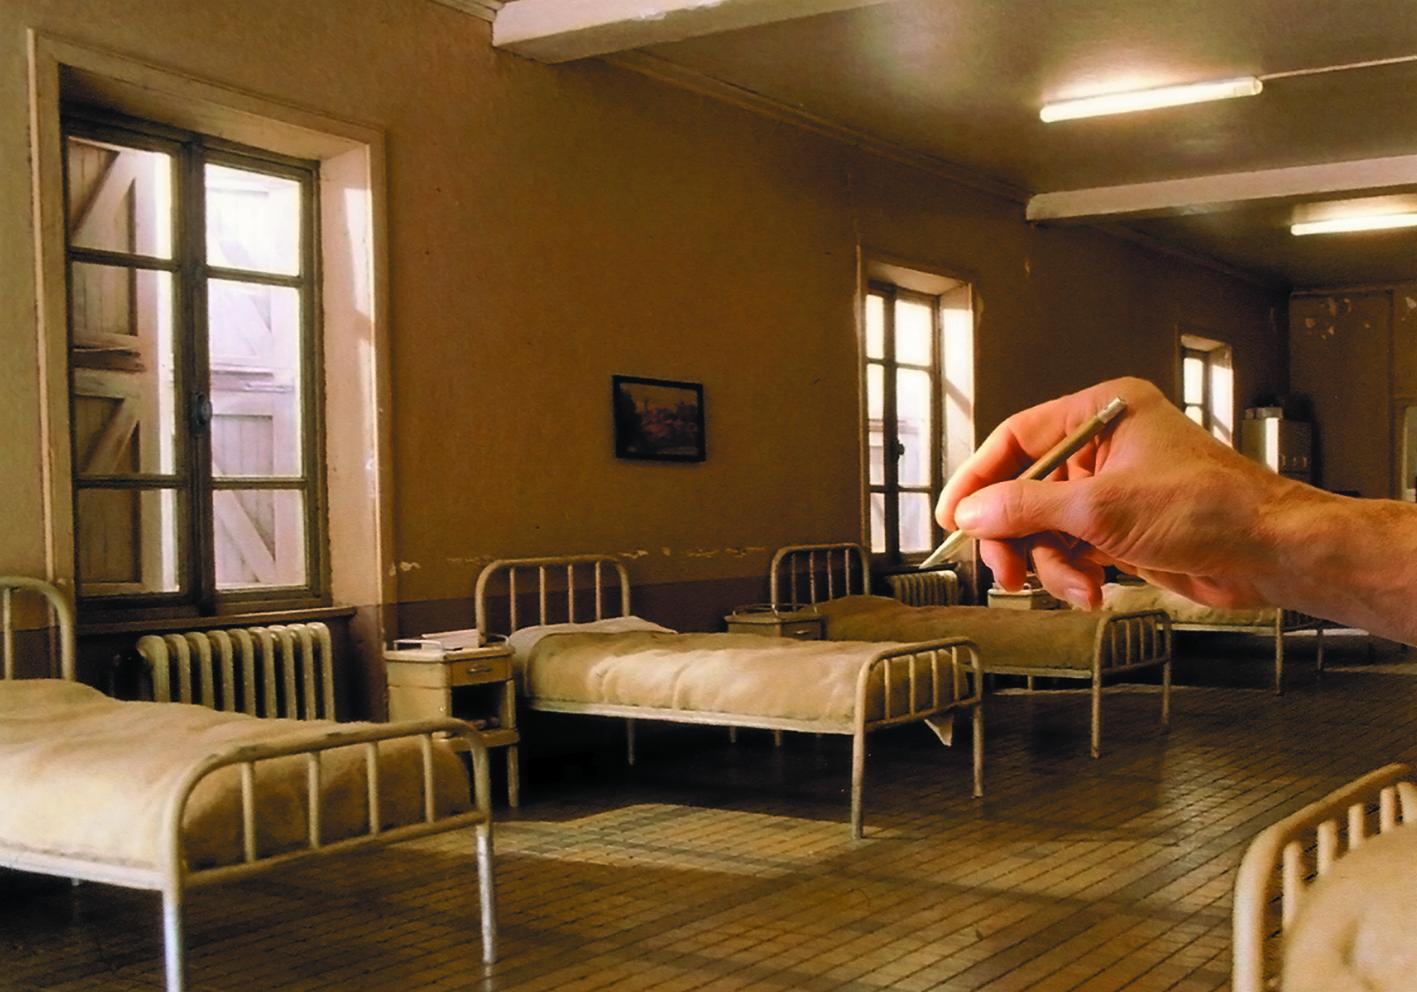 Le dortoir de Dan Ohlmann CMJN